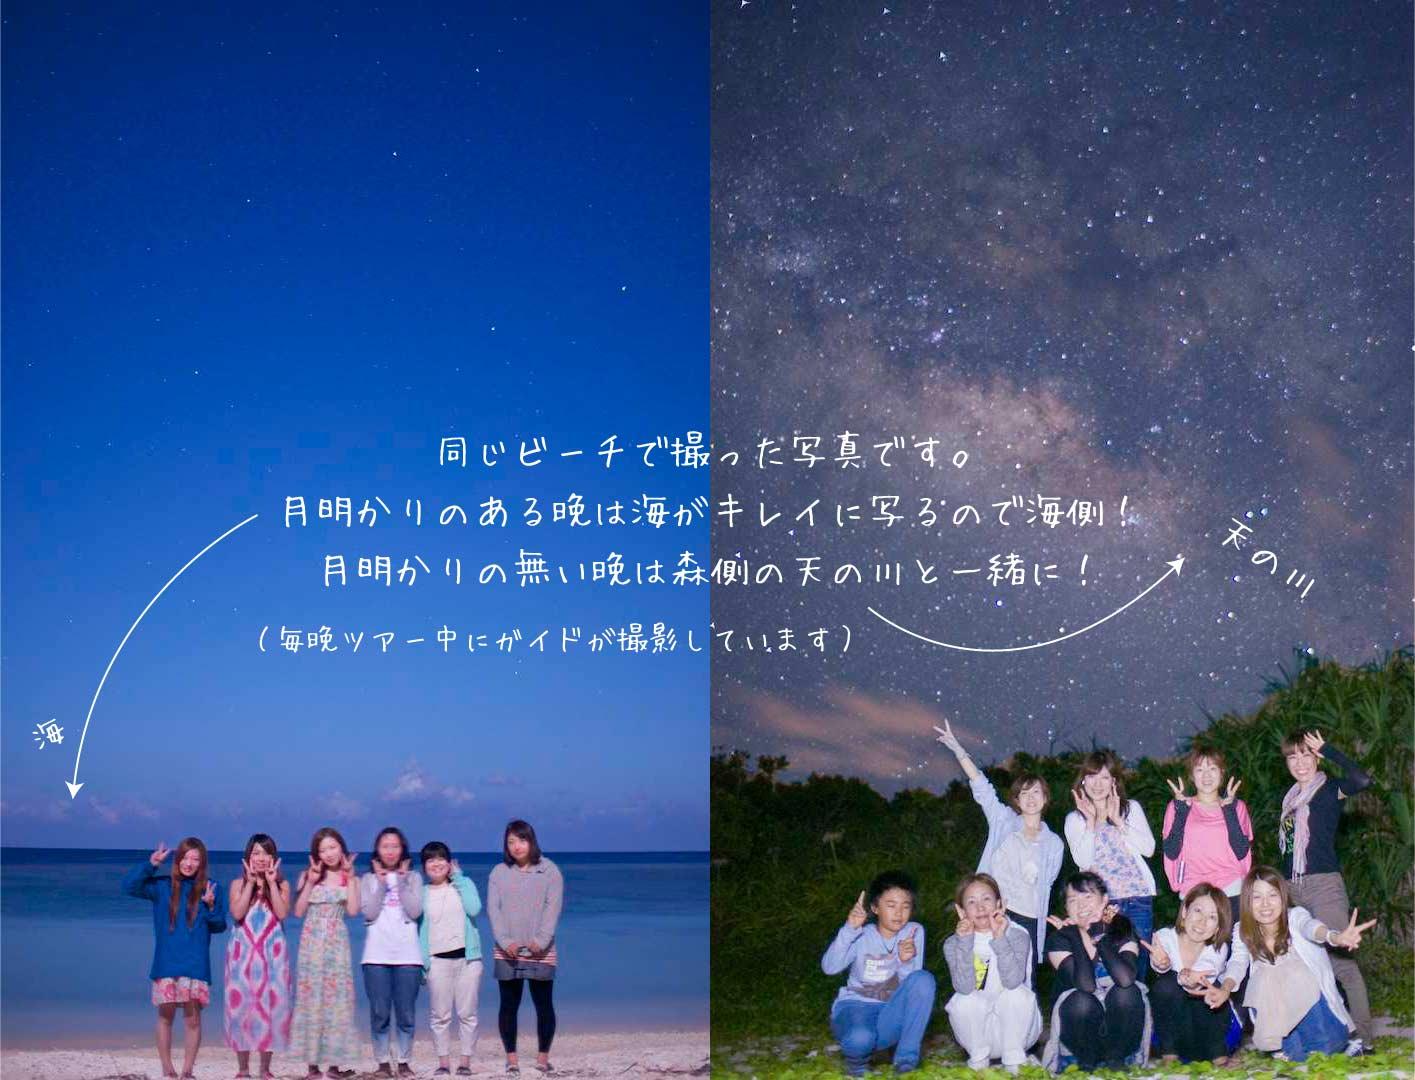 満月と新月による、星の写り方・見え方の違いを紹介する写真